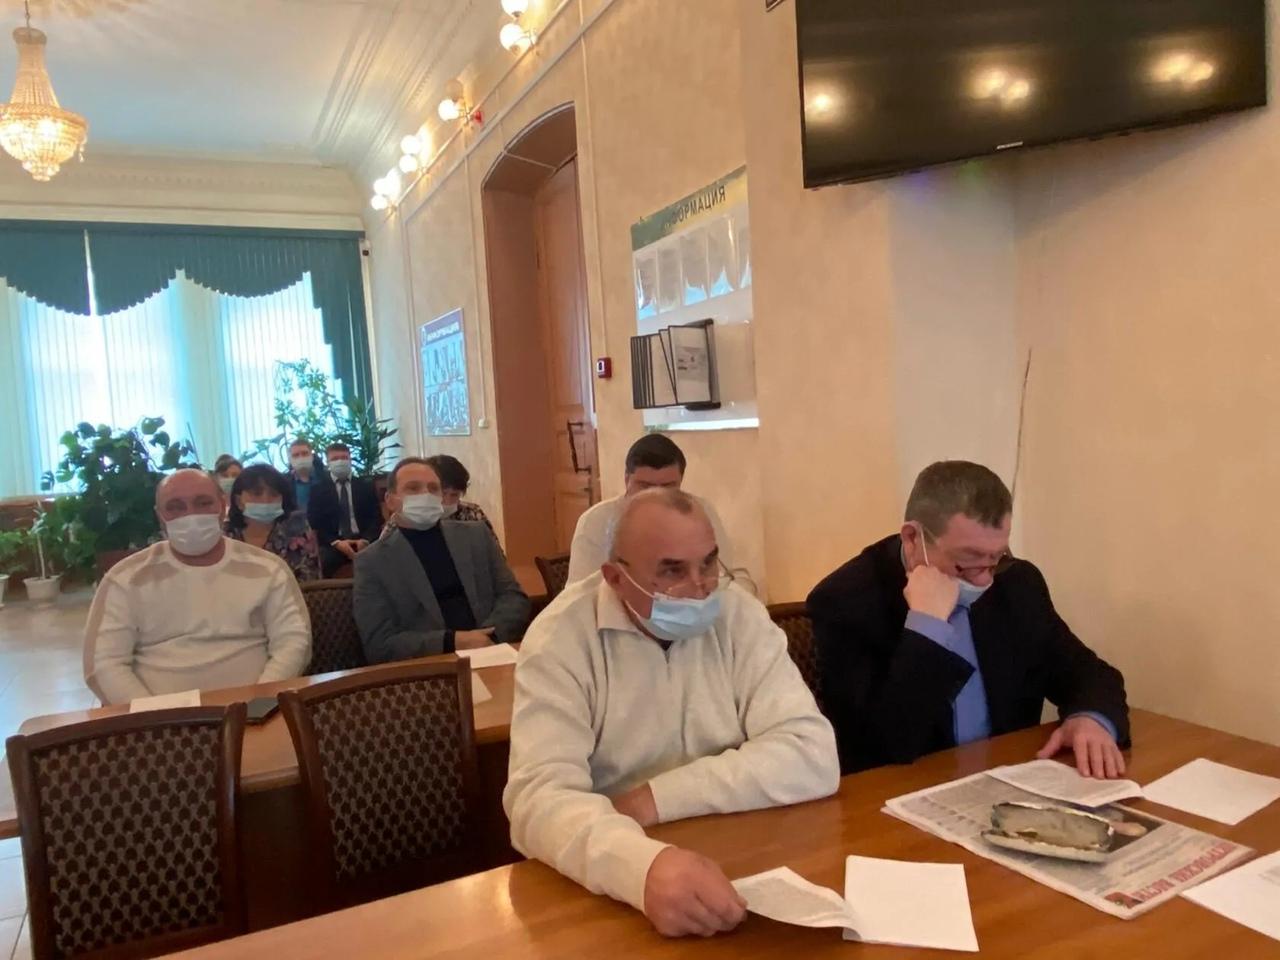 Перед депутатами районного Собрания с отчётом об итогах работы выступил начальник Петровского отдела МВД